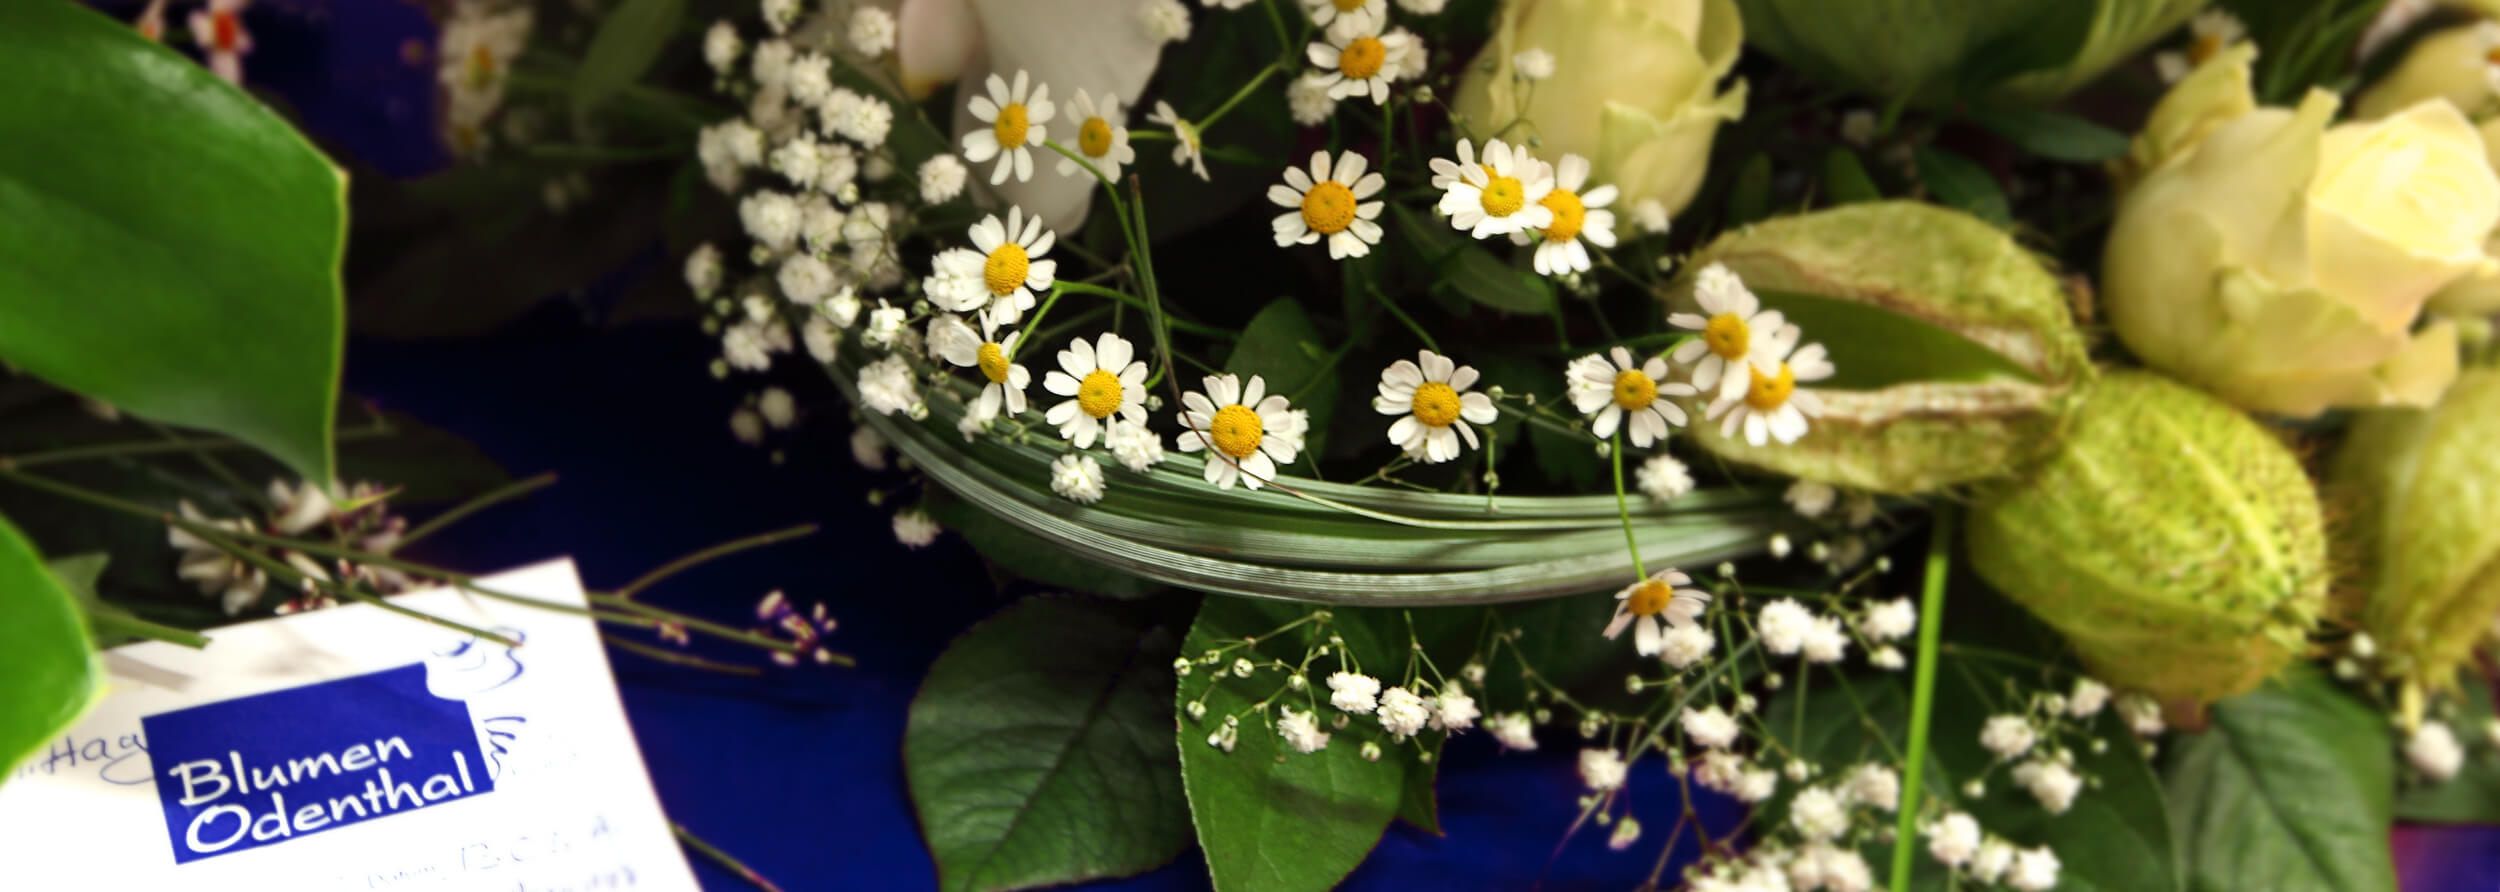 Blumen Odenthal - 5 Sterne Florist Troisdorf